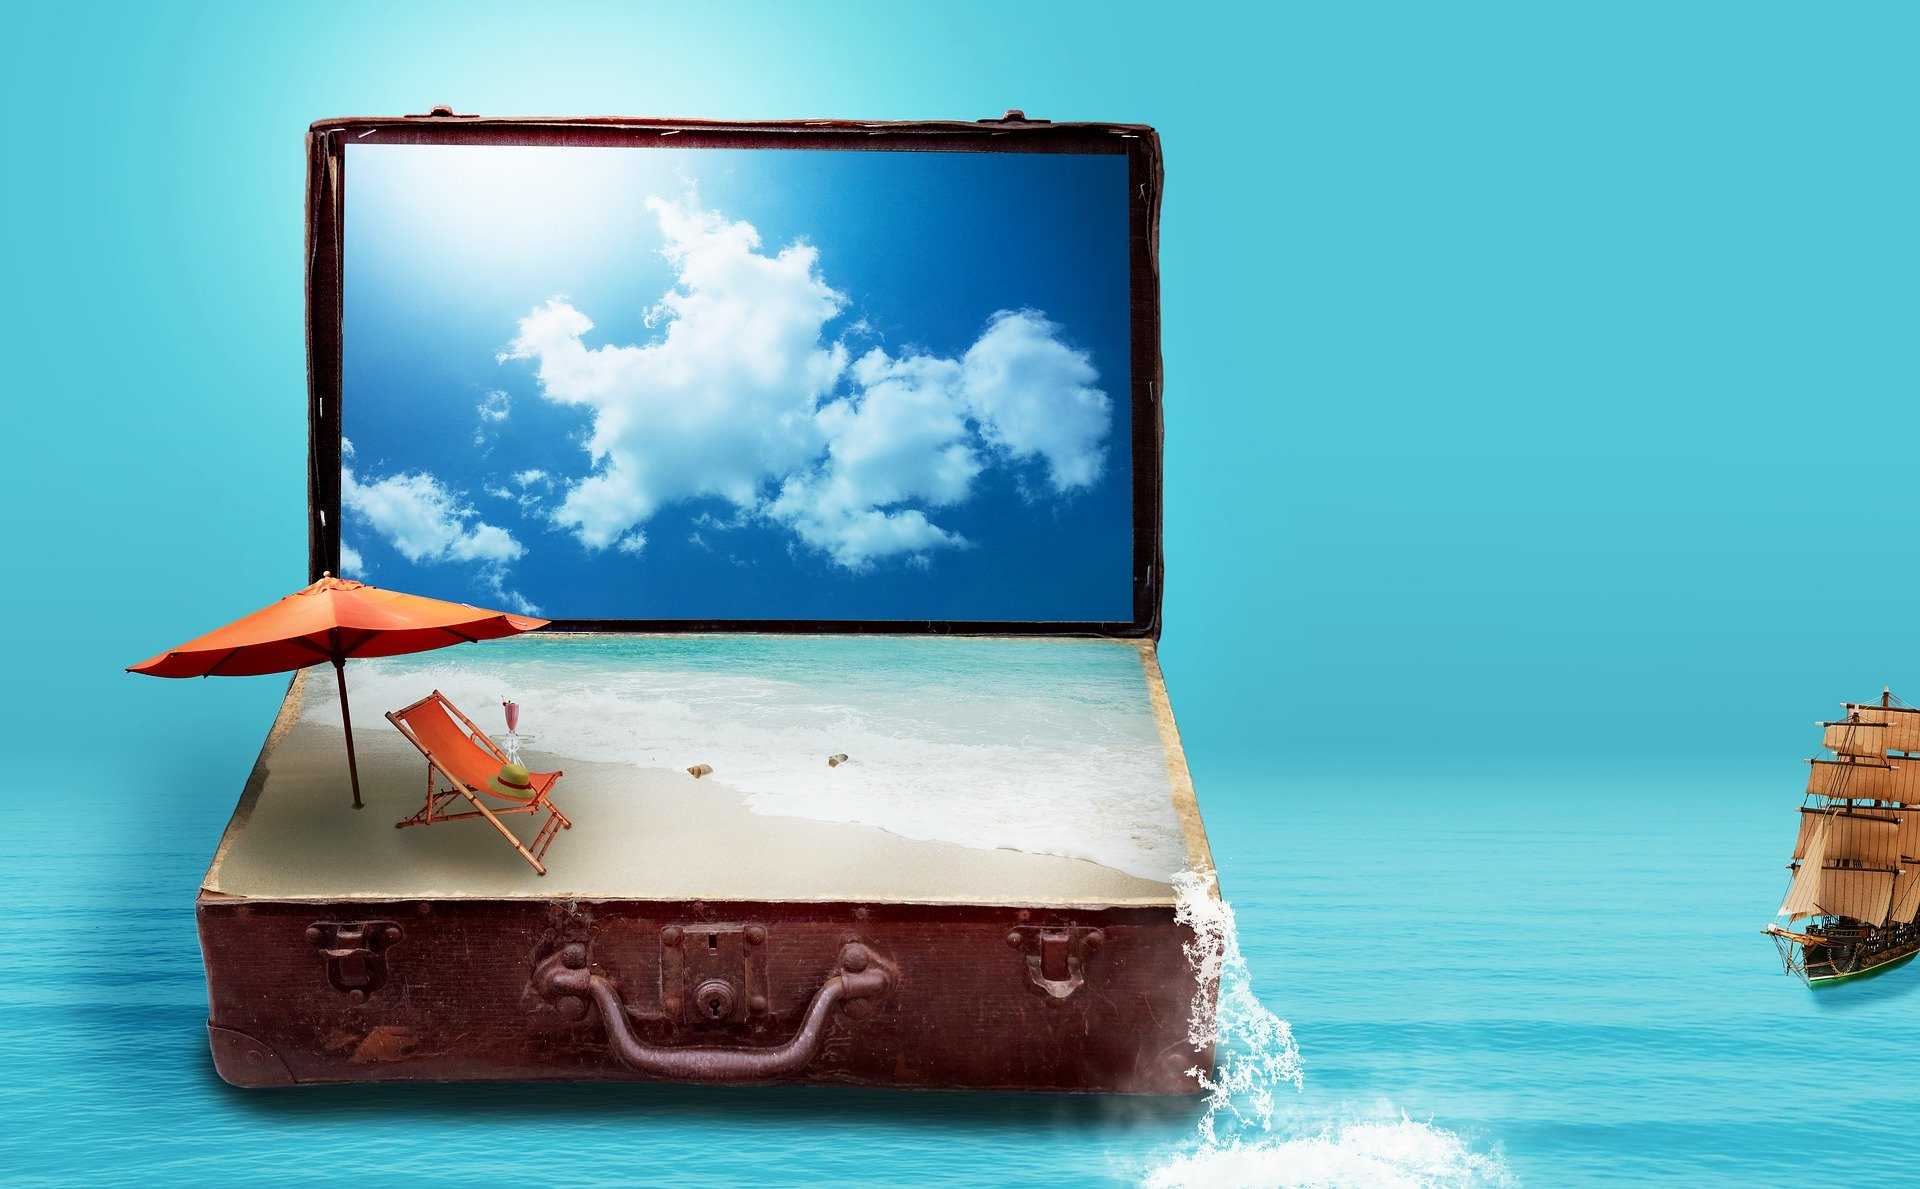 mala, praia, céu, barco